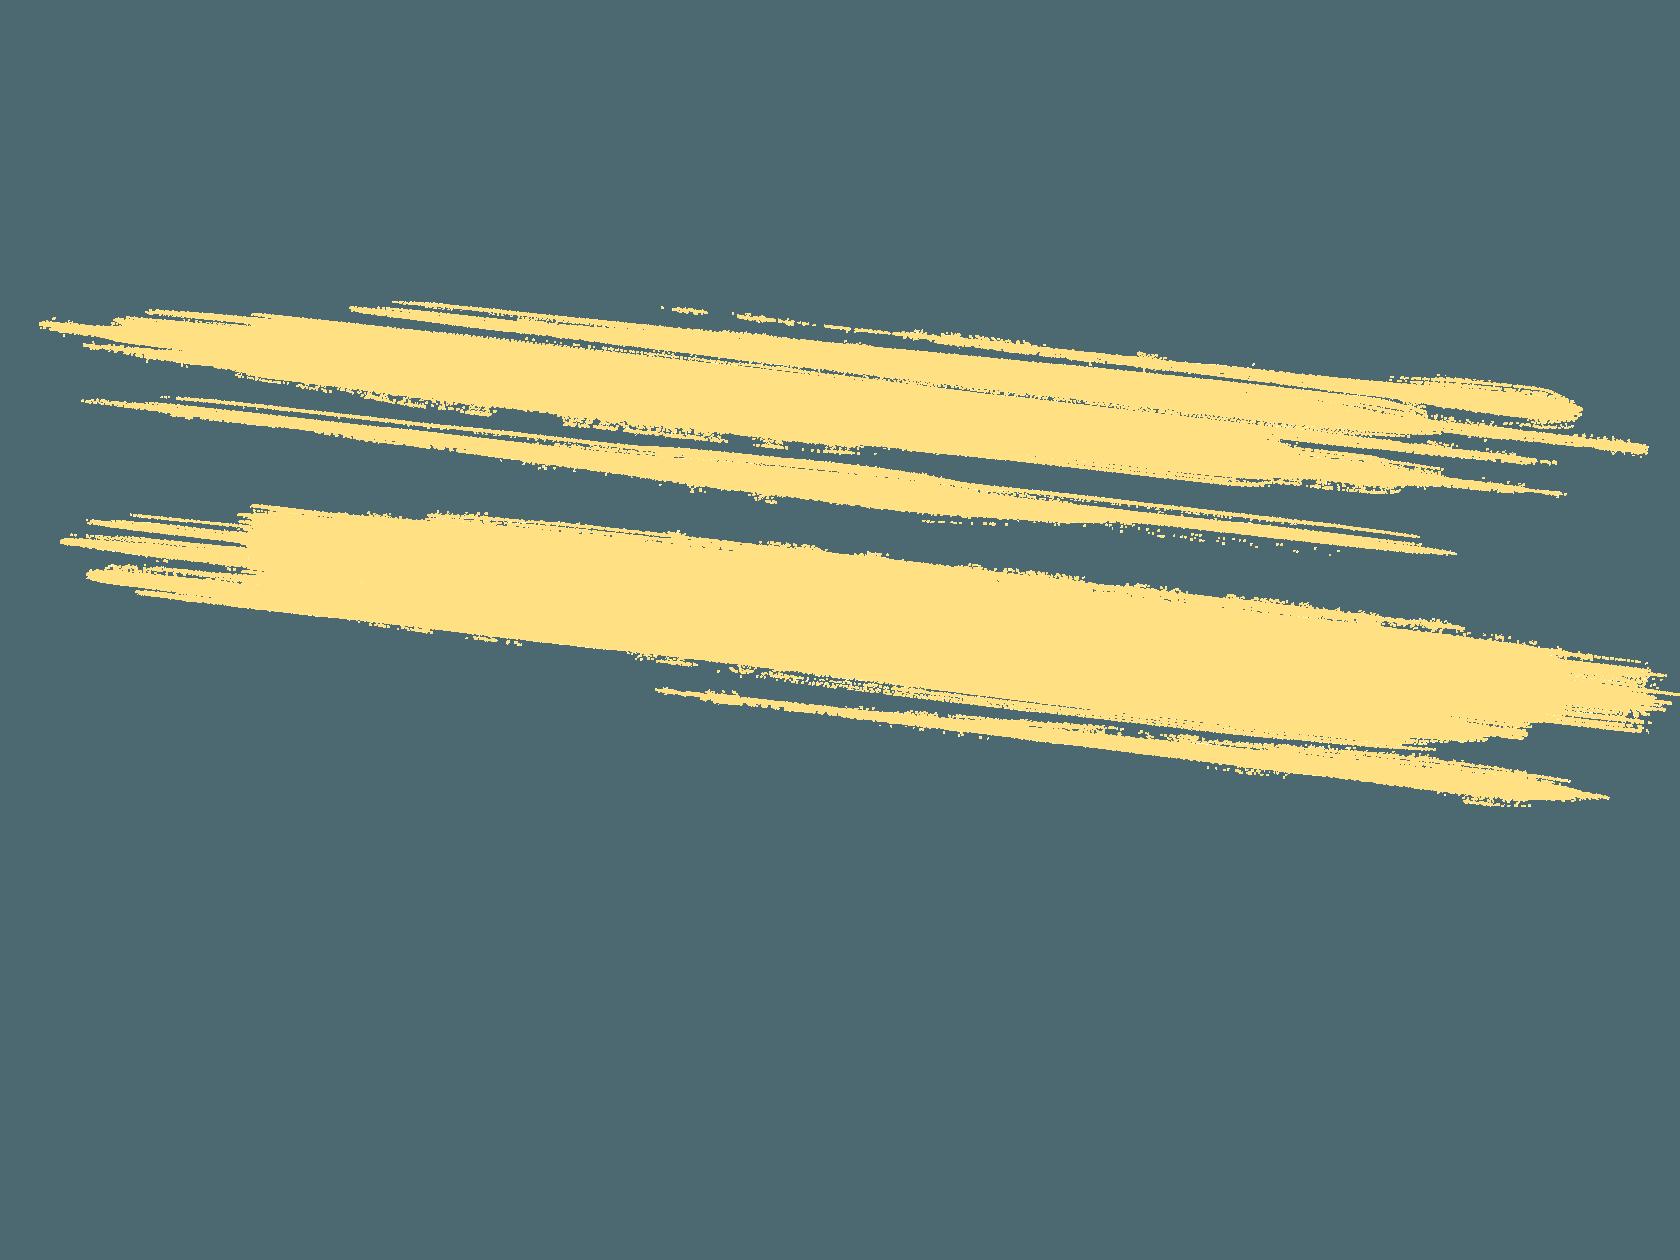 Un Tiroteo en Guatemala — ProPublica